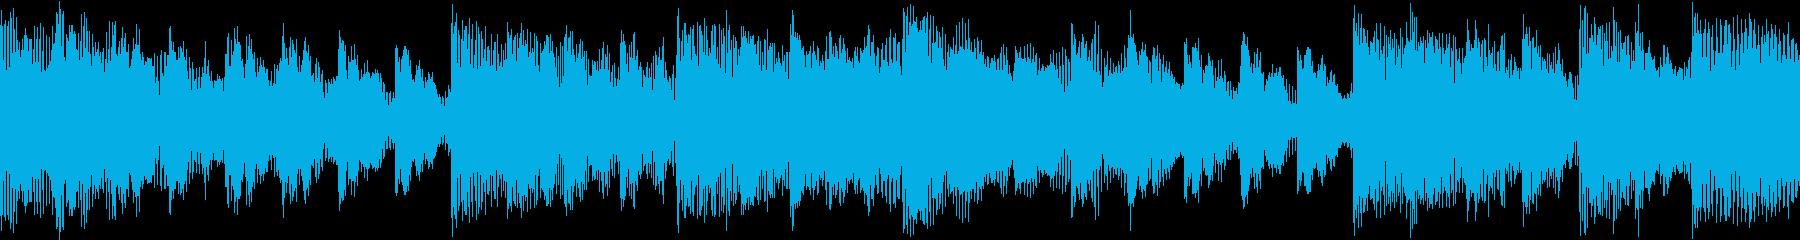 宇宙空間にいるようなBGM(ループ素材)の再生済みの波形